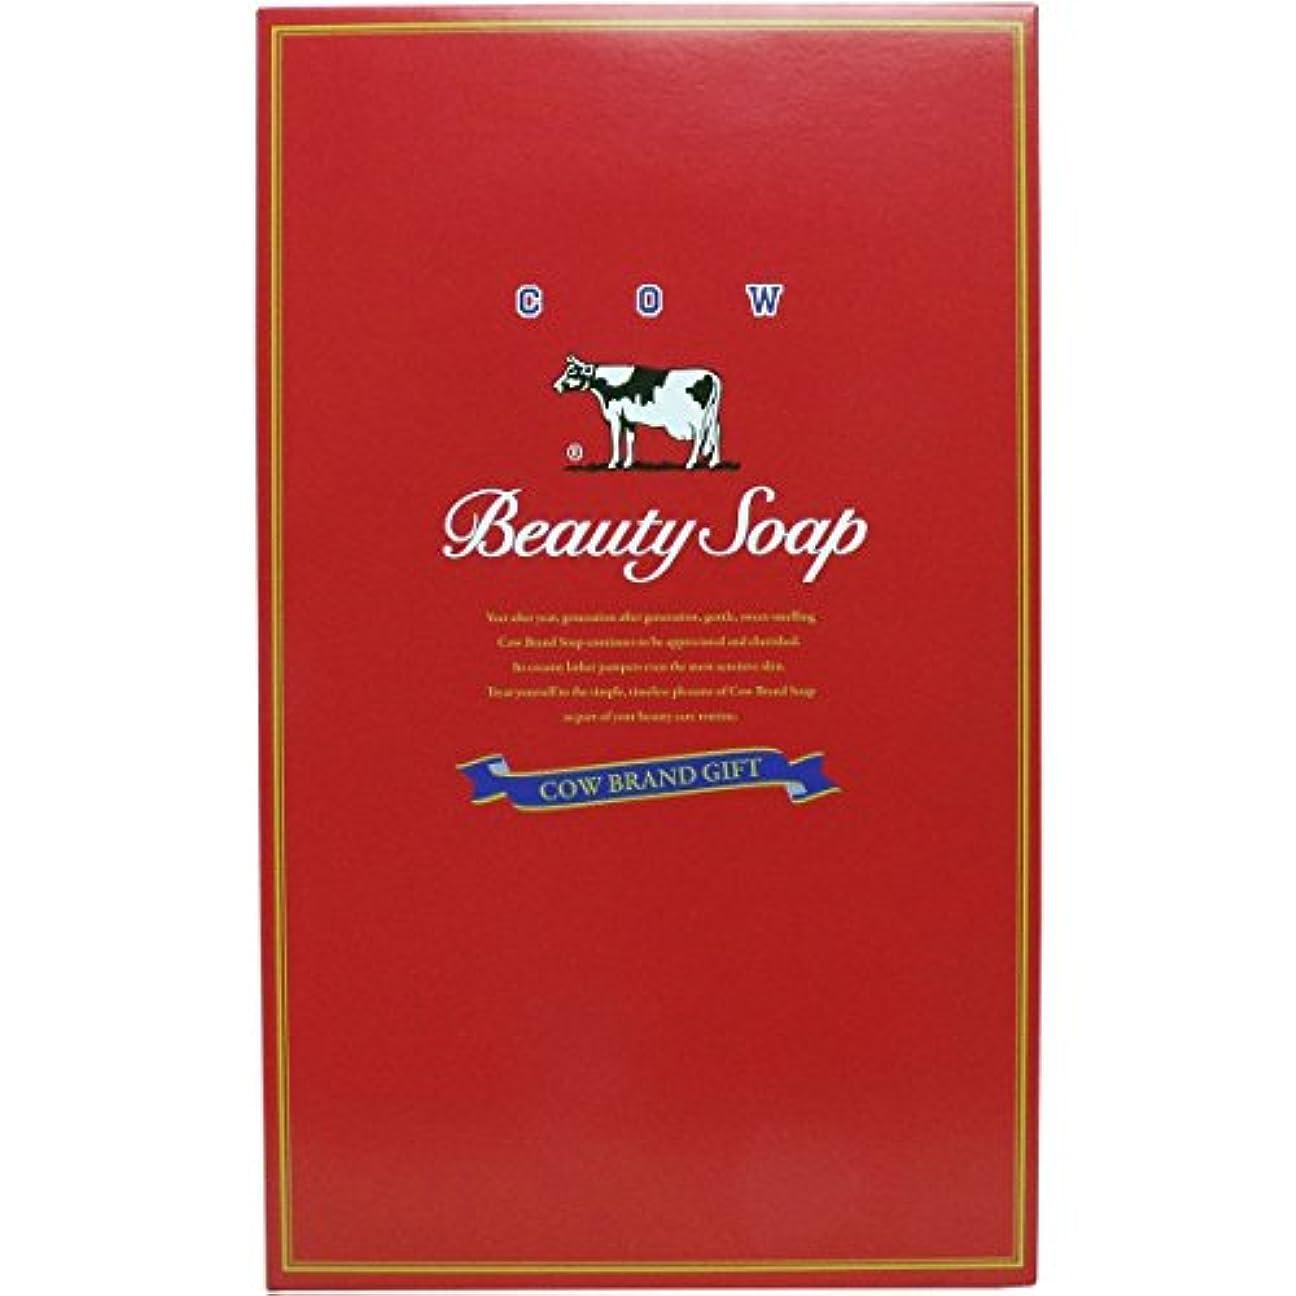 頼むどんよりしたリテラシー牛乳石鹸共進社 カウブランド石鹸 赤箱 100g×10個×16箱